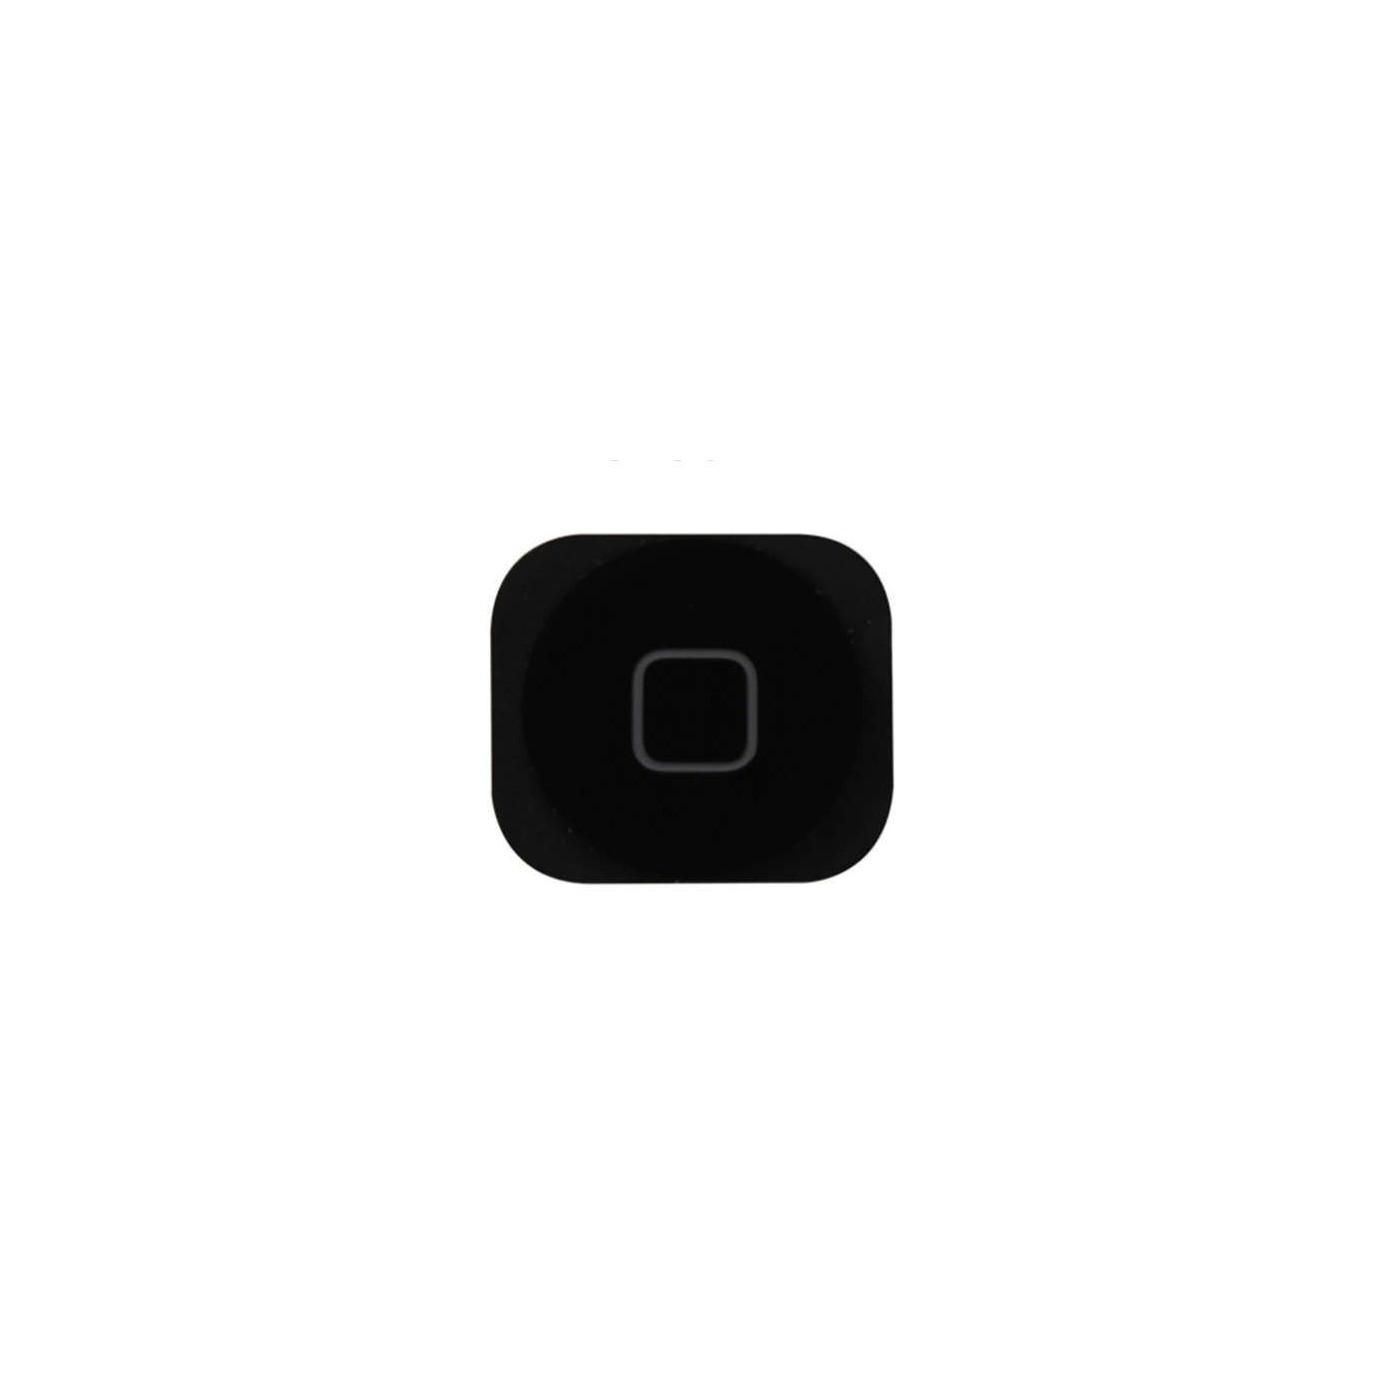 Bouton d'accueil pour apple iphone 5c bouton bouton central bouton curseur noir